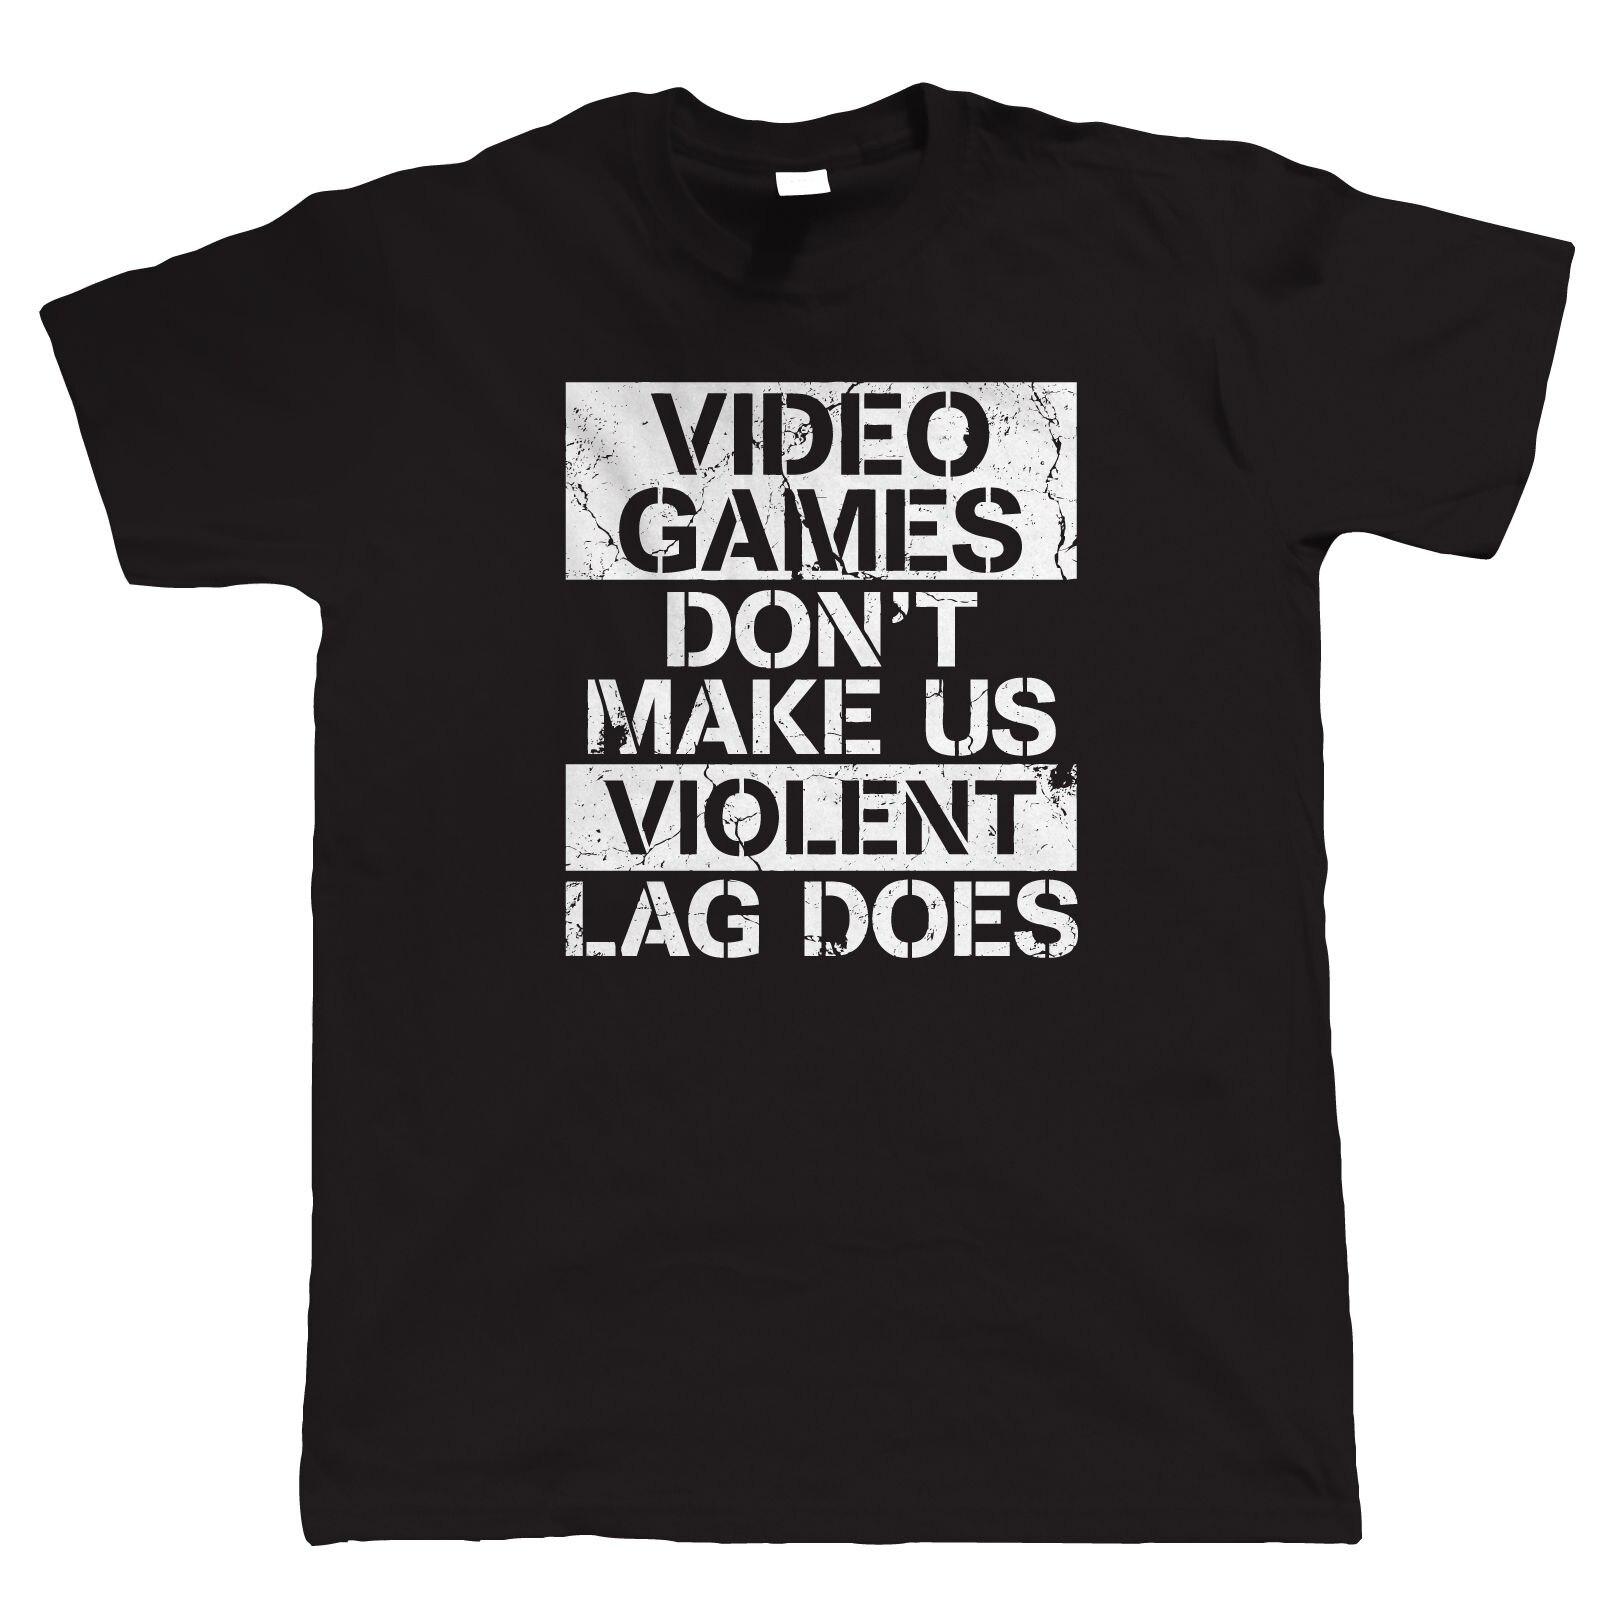 Футболка Магазин Видеоигры не делают нас насильственные геймер PC Gamer кадров в секунду Видео игры с круглым вырезом Высокий Футболка Для муж...